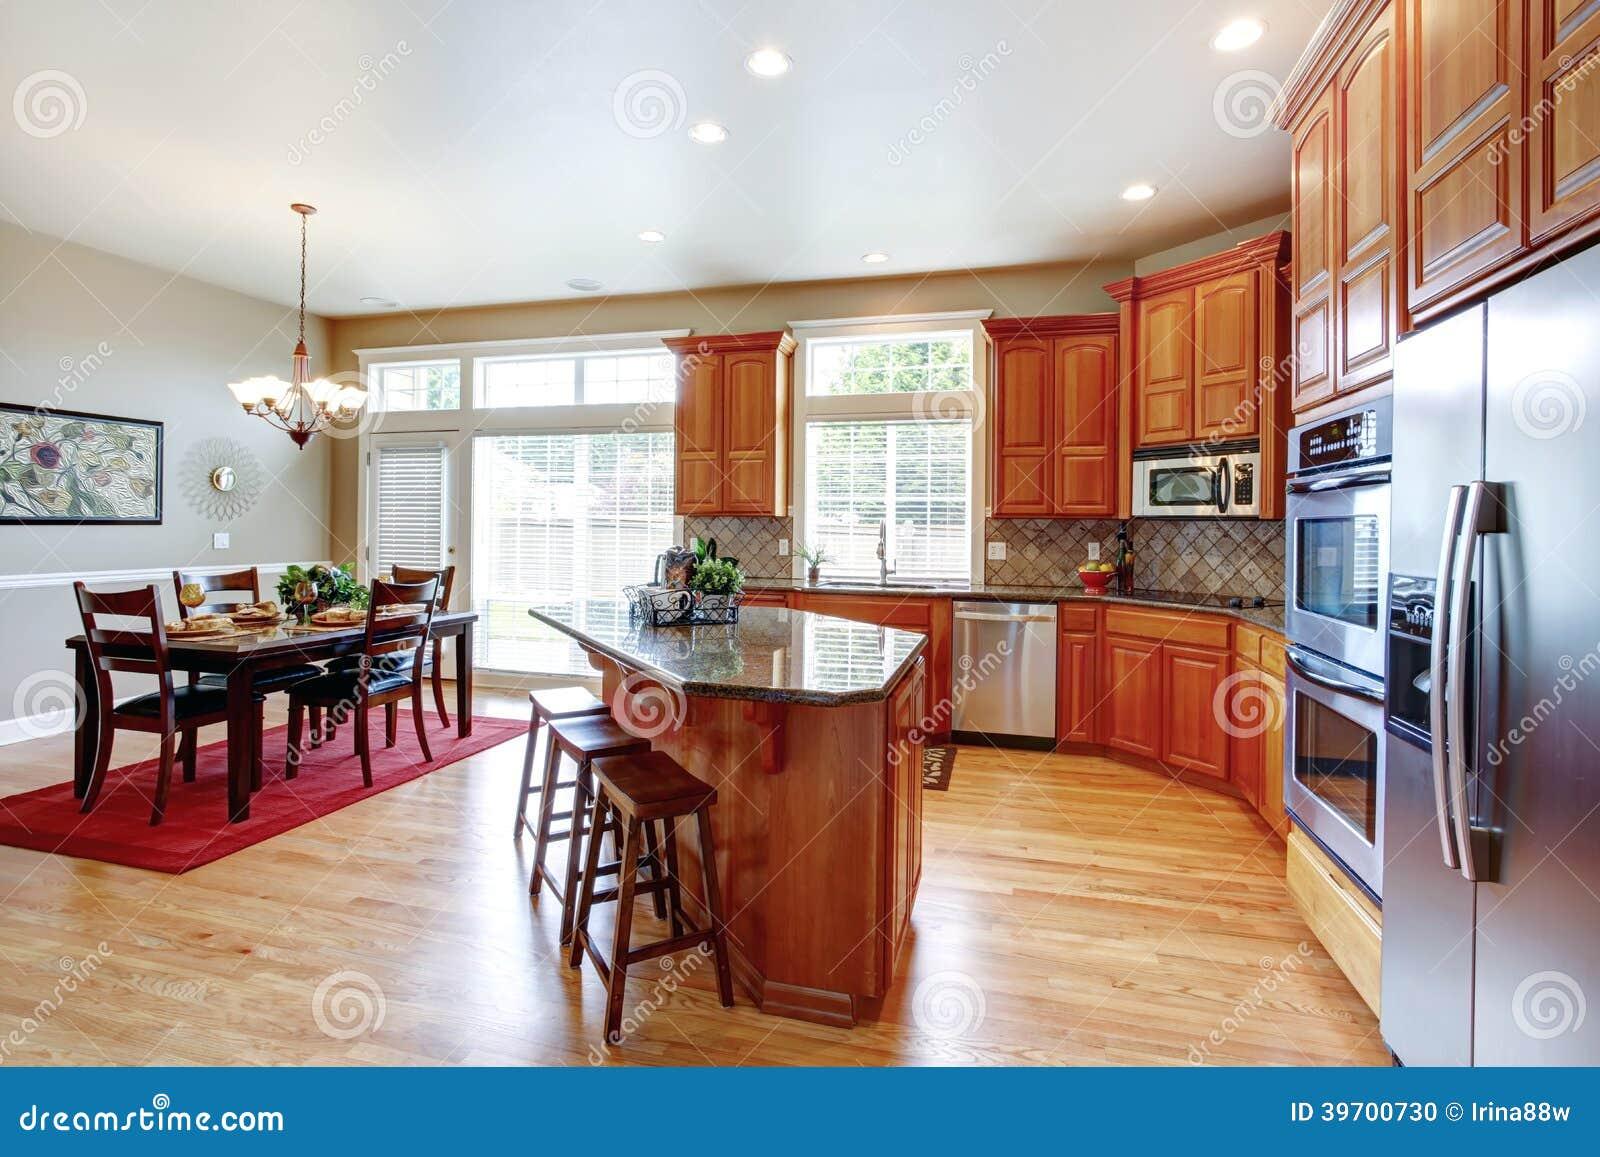 Sala Moderna Da Cozinha Com Ilha E Espa O Para Refei Es Foto De